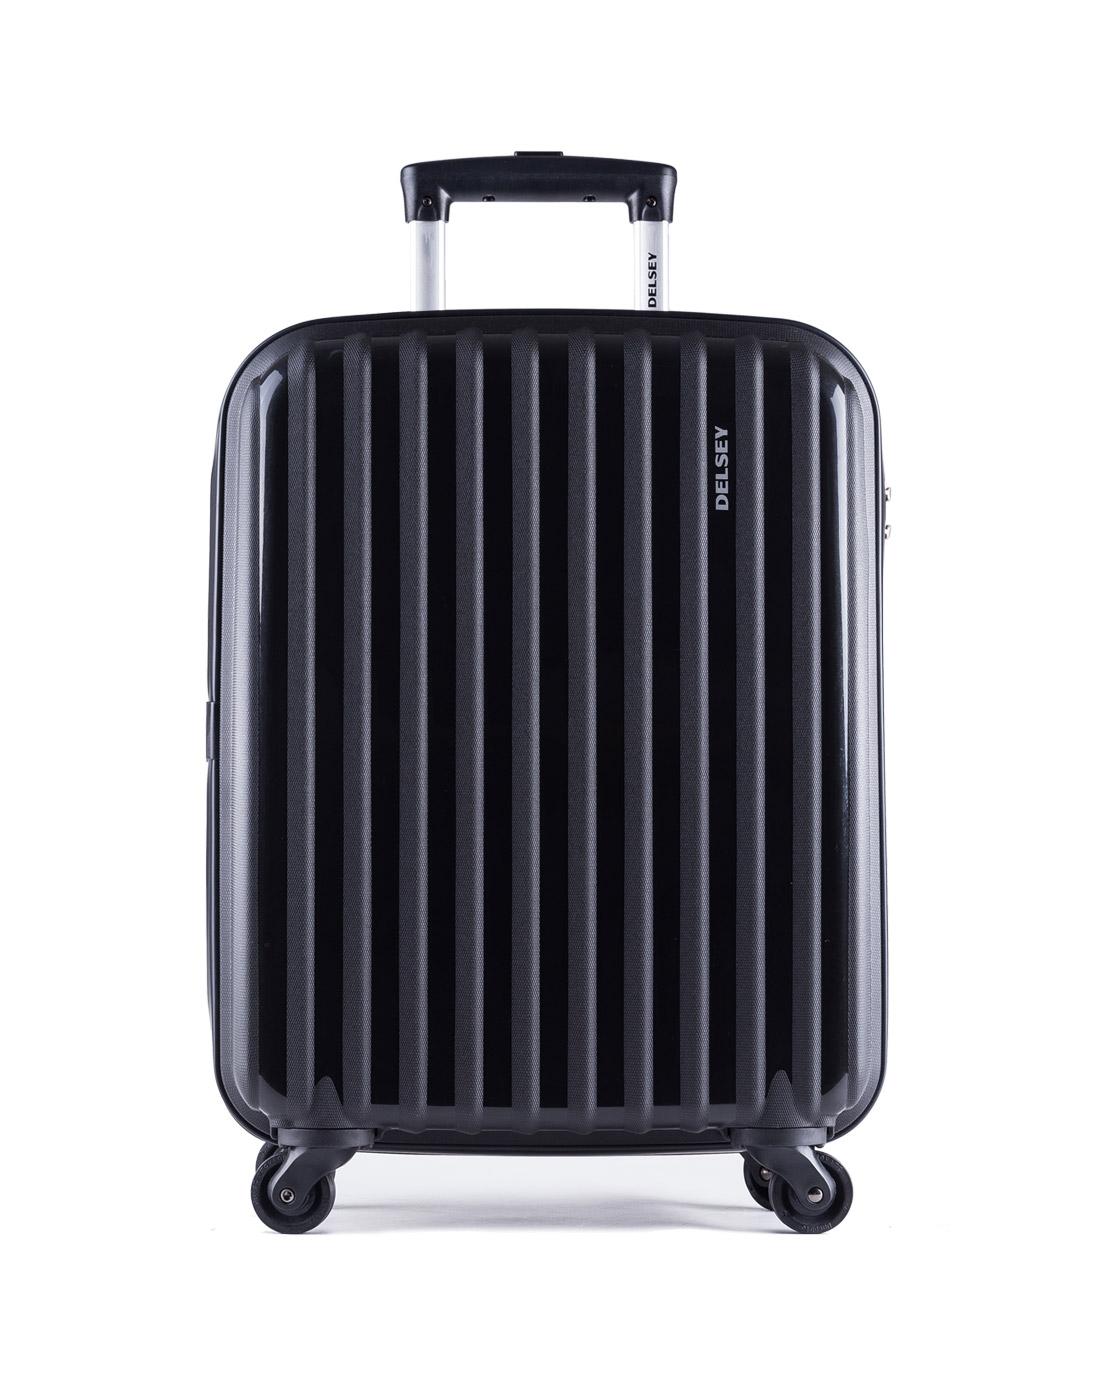 正品DELSEY法国大使拉杆箱登机箱旅行箱20寸